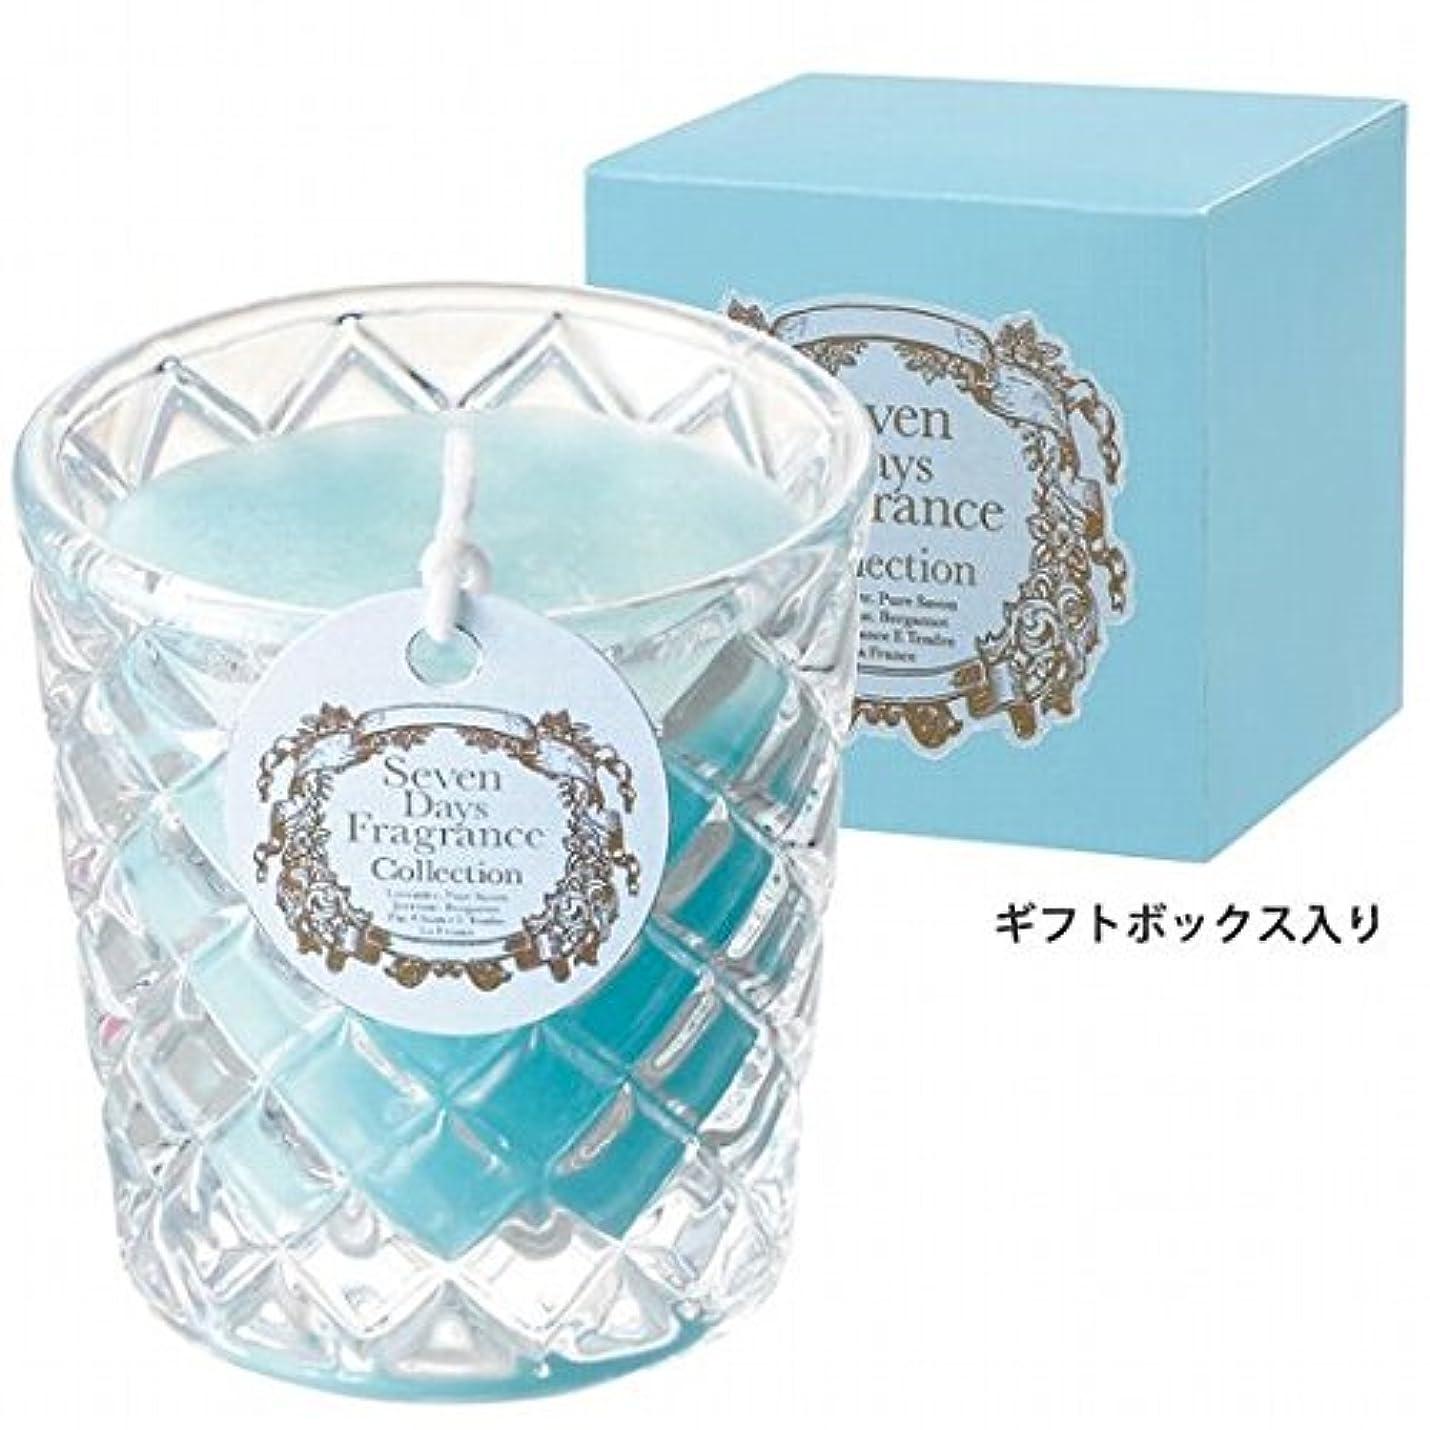 征服するボイコット高くカメヤマキャンドル(kameyama candle) セブンデイズグラスキャンドル(月曜日) 「 ピュアサボン 」